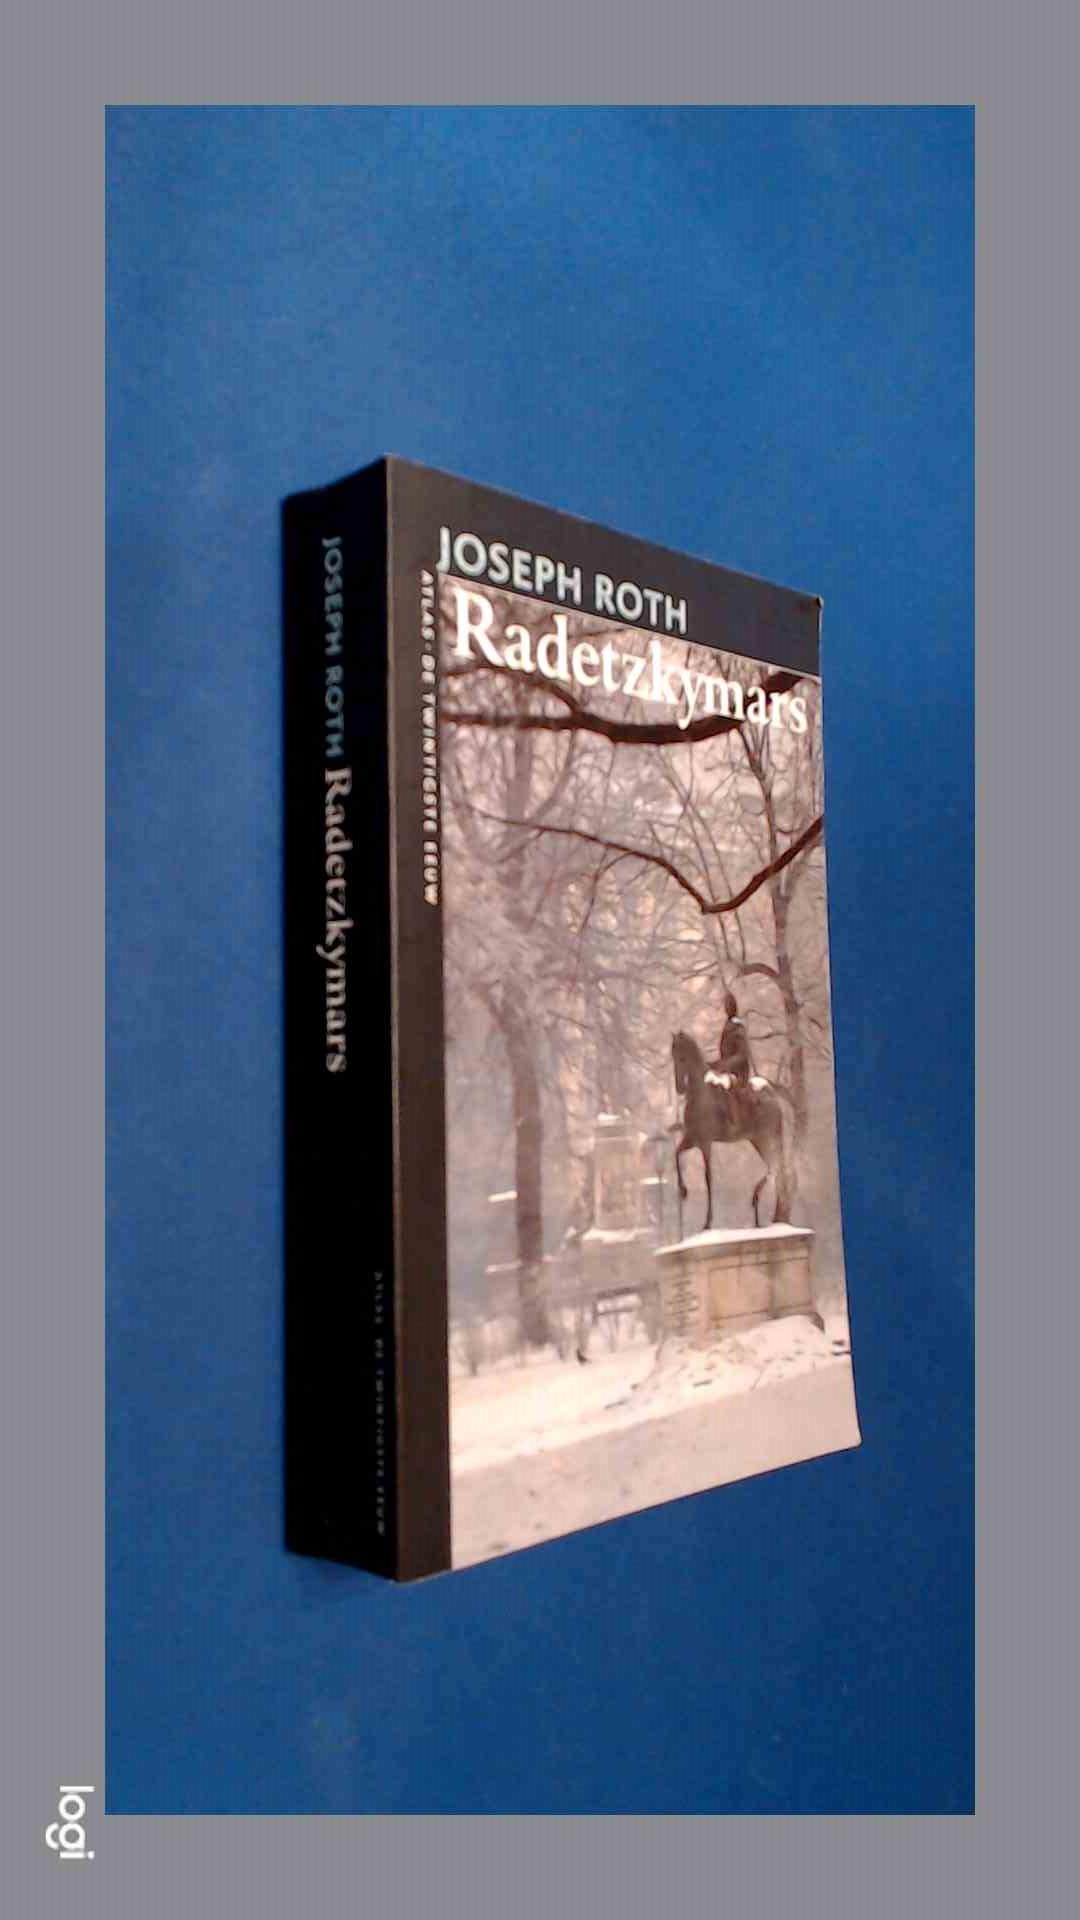 ROTH, JOSEPH - Radetzky mars